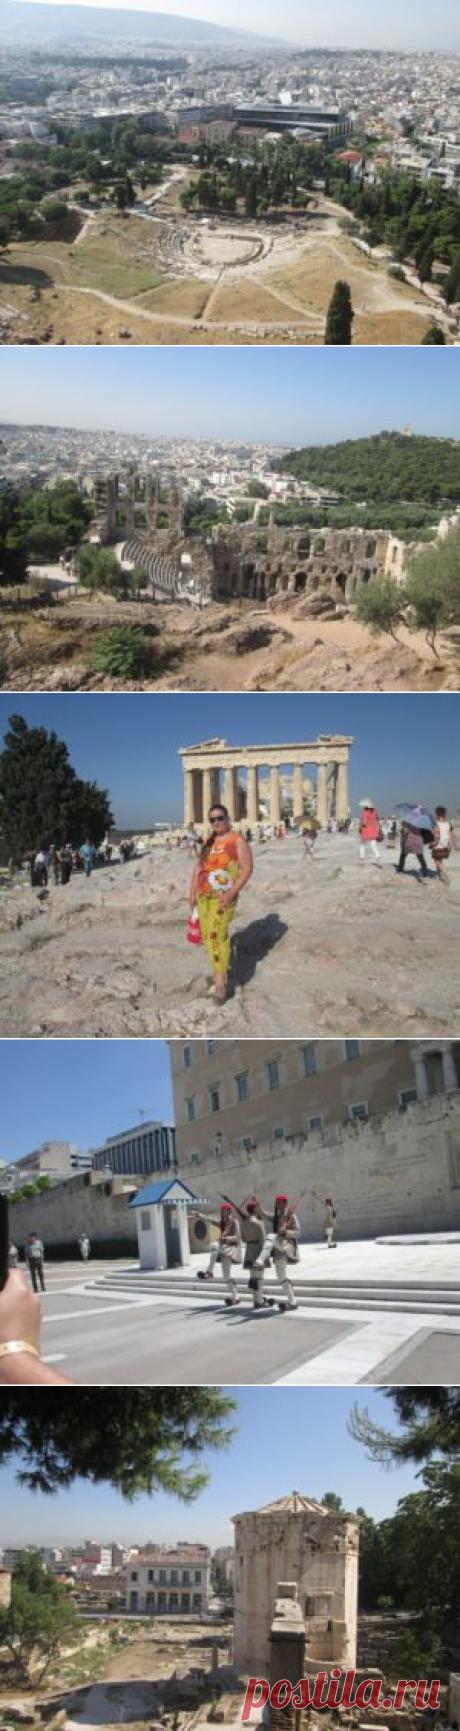 Что хочется посмотреть в Афинах | Проведи отпуск в Греции! Как хорошо отдохнуть